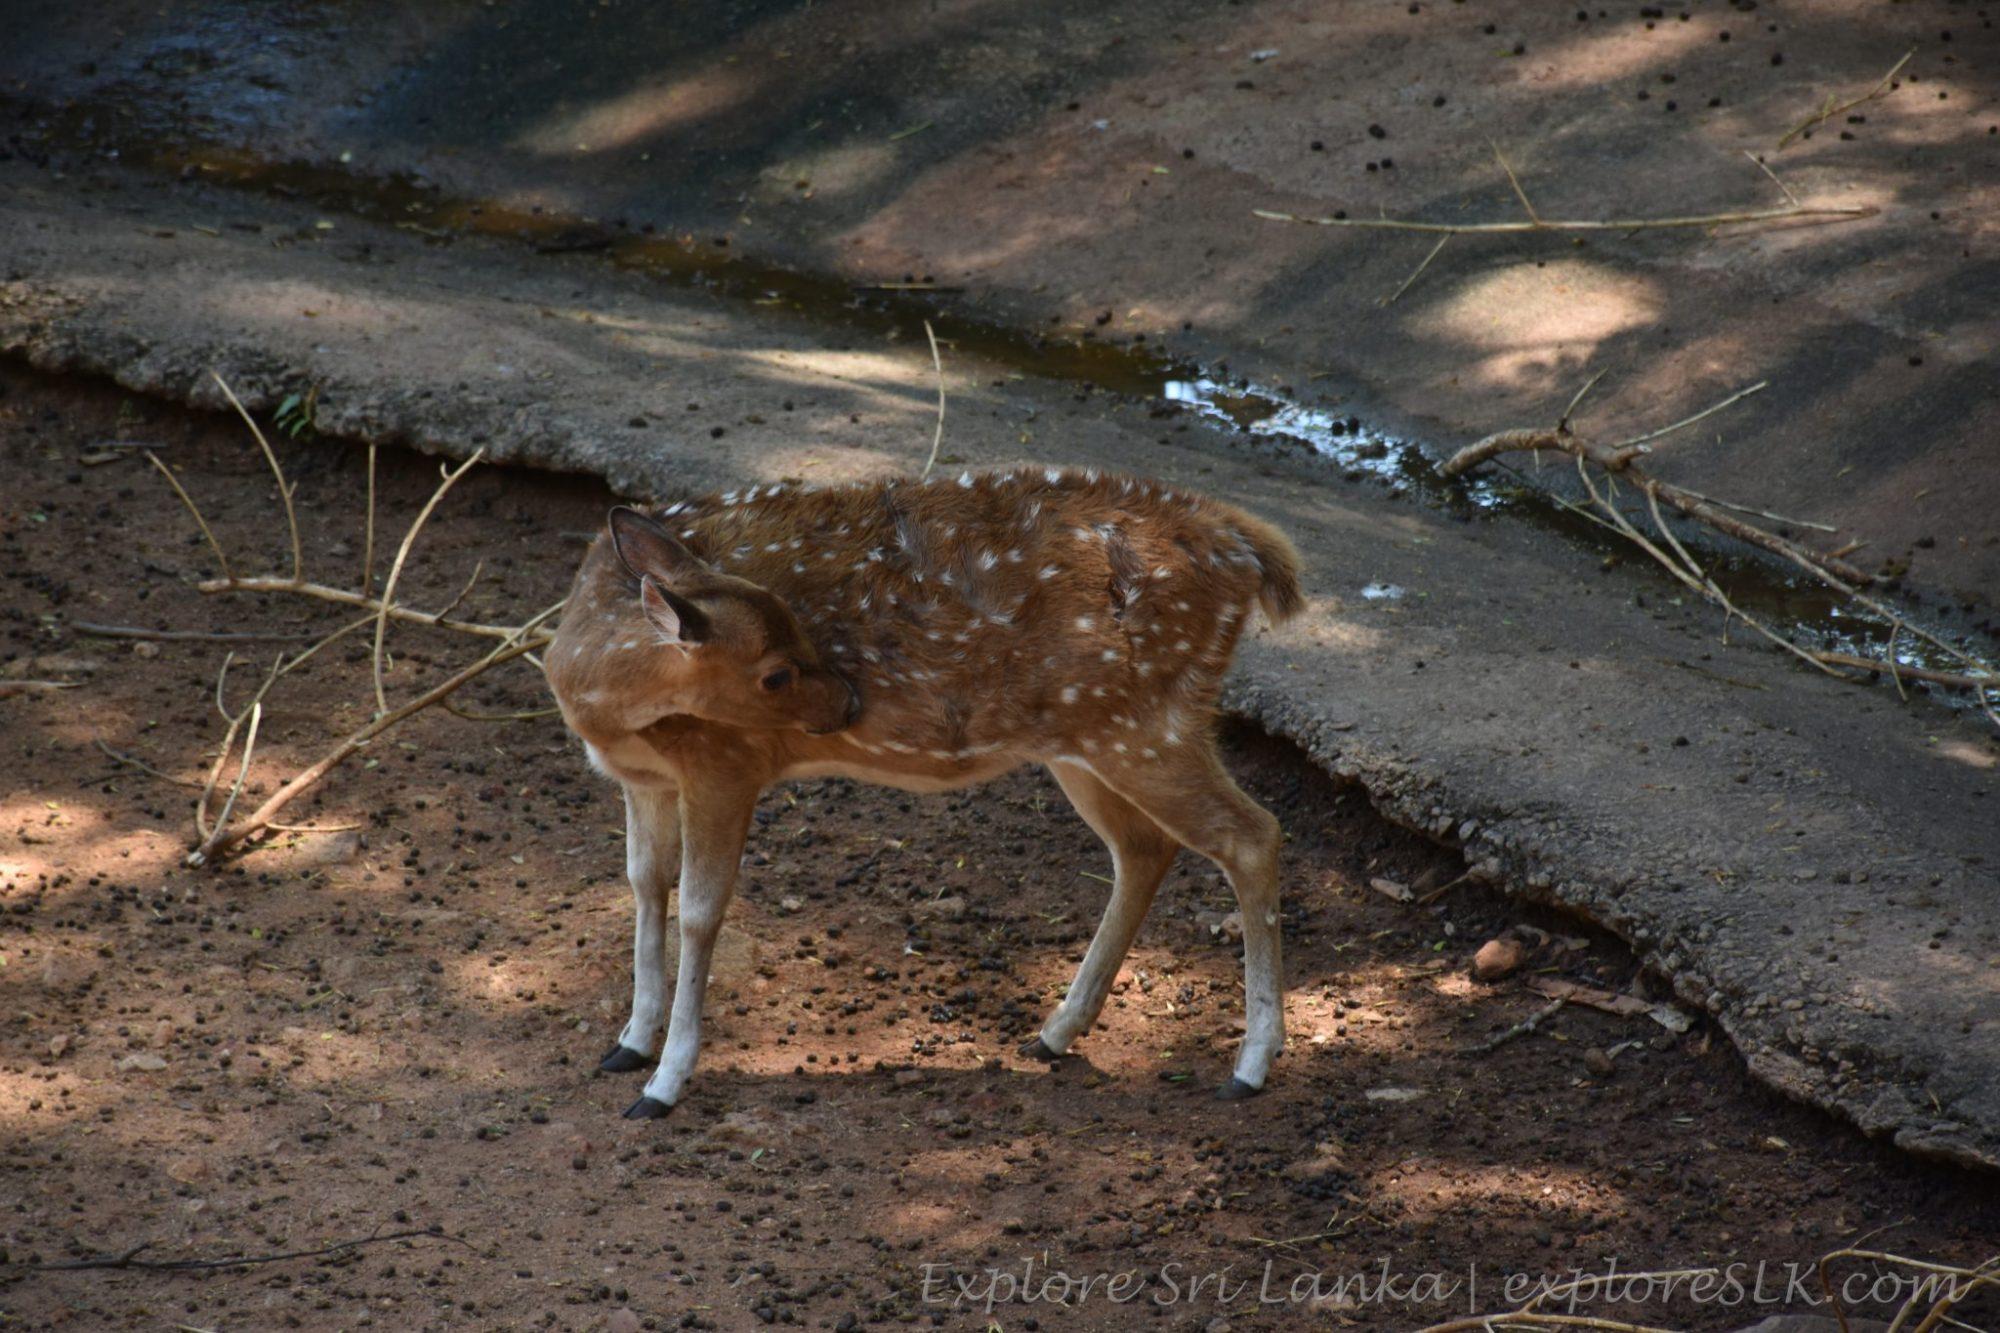 A Deer cub